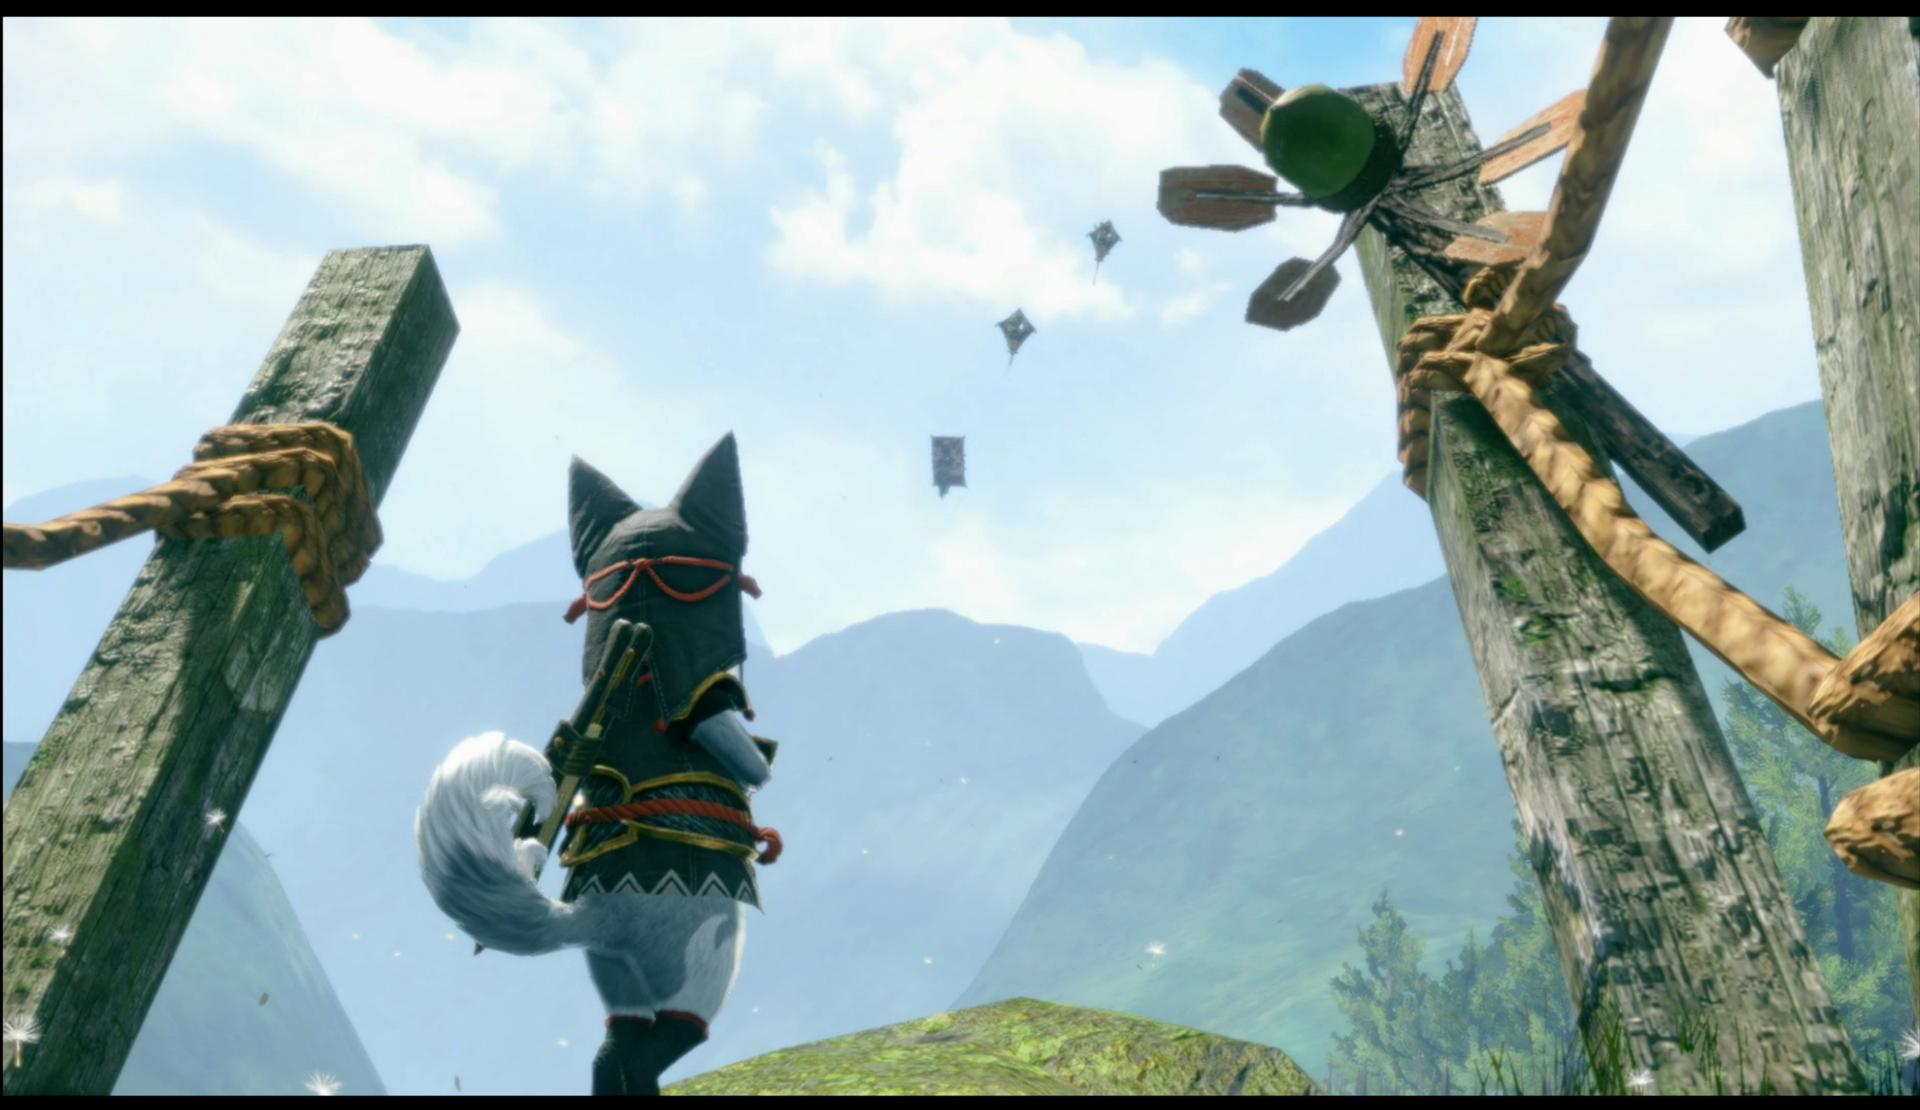 「オトモ隠密隊」ではオトモを各フィールドへ送りだしてアイテムを収集してきて貰う事ができる。凧に乗って思いっきり飛ばされているが目的地にちゃんと着けるのだろうか……?